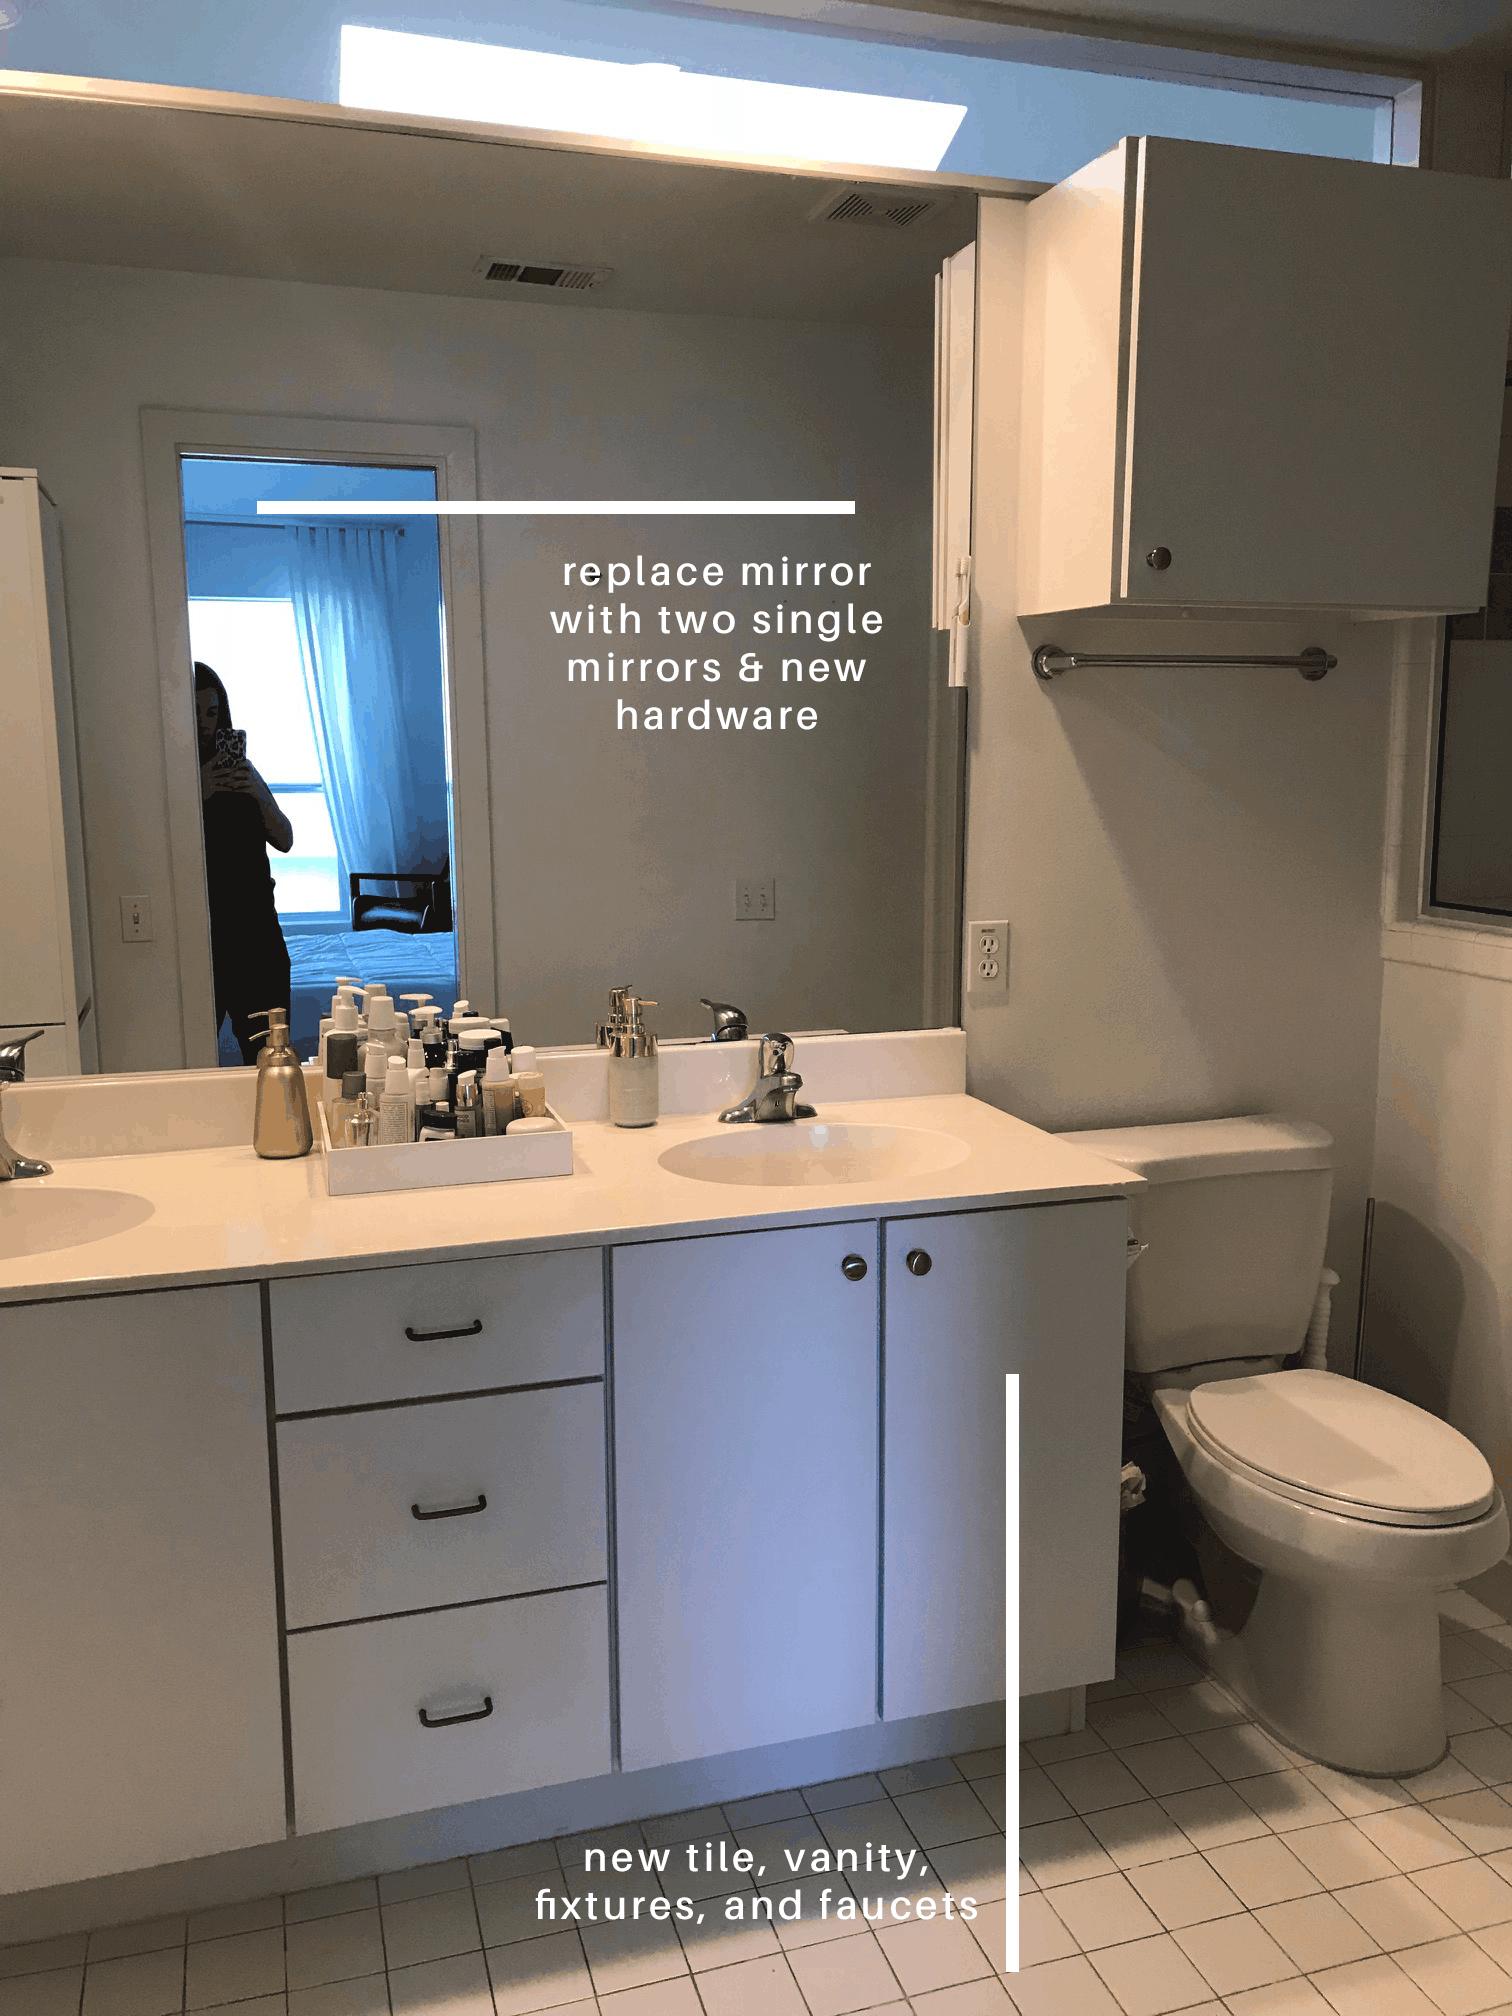 One Room Challenge Week Renovating Our Master Bedroom Suite - One week bathroom